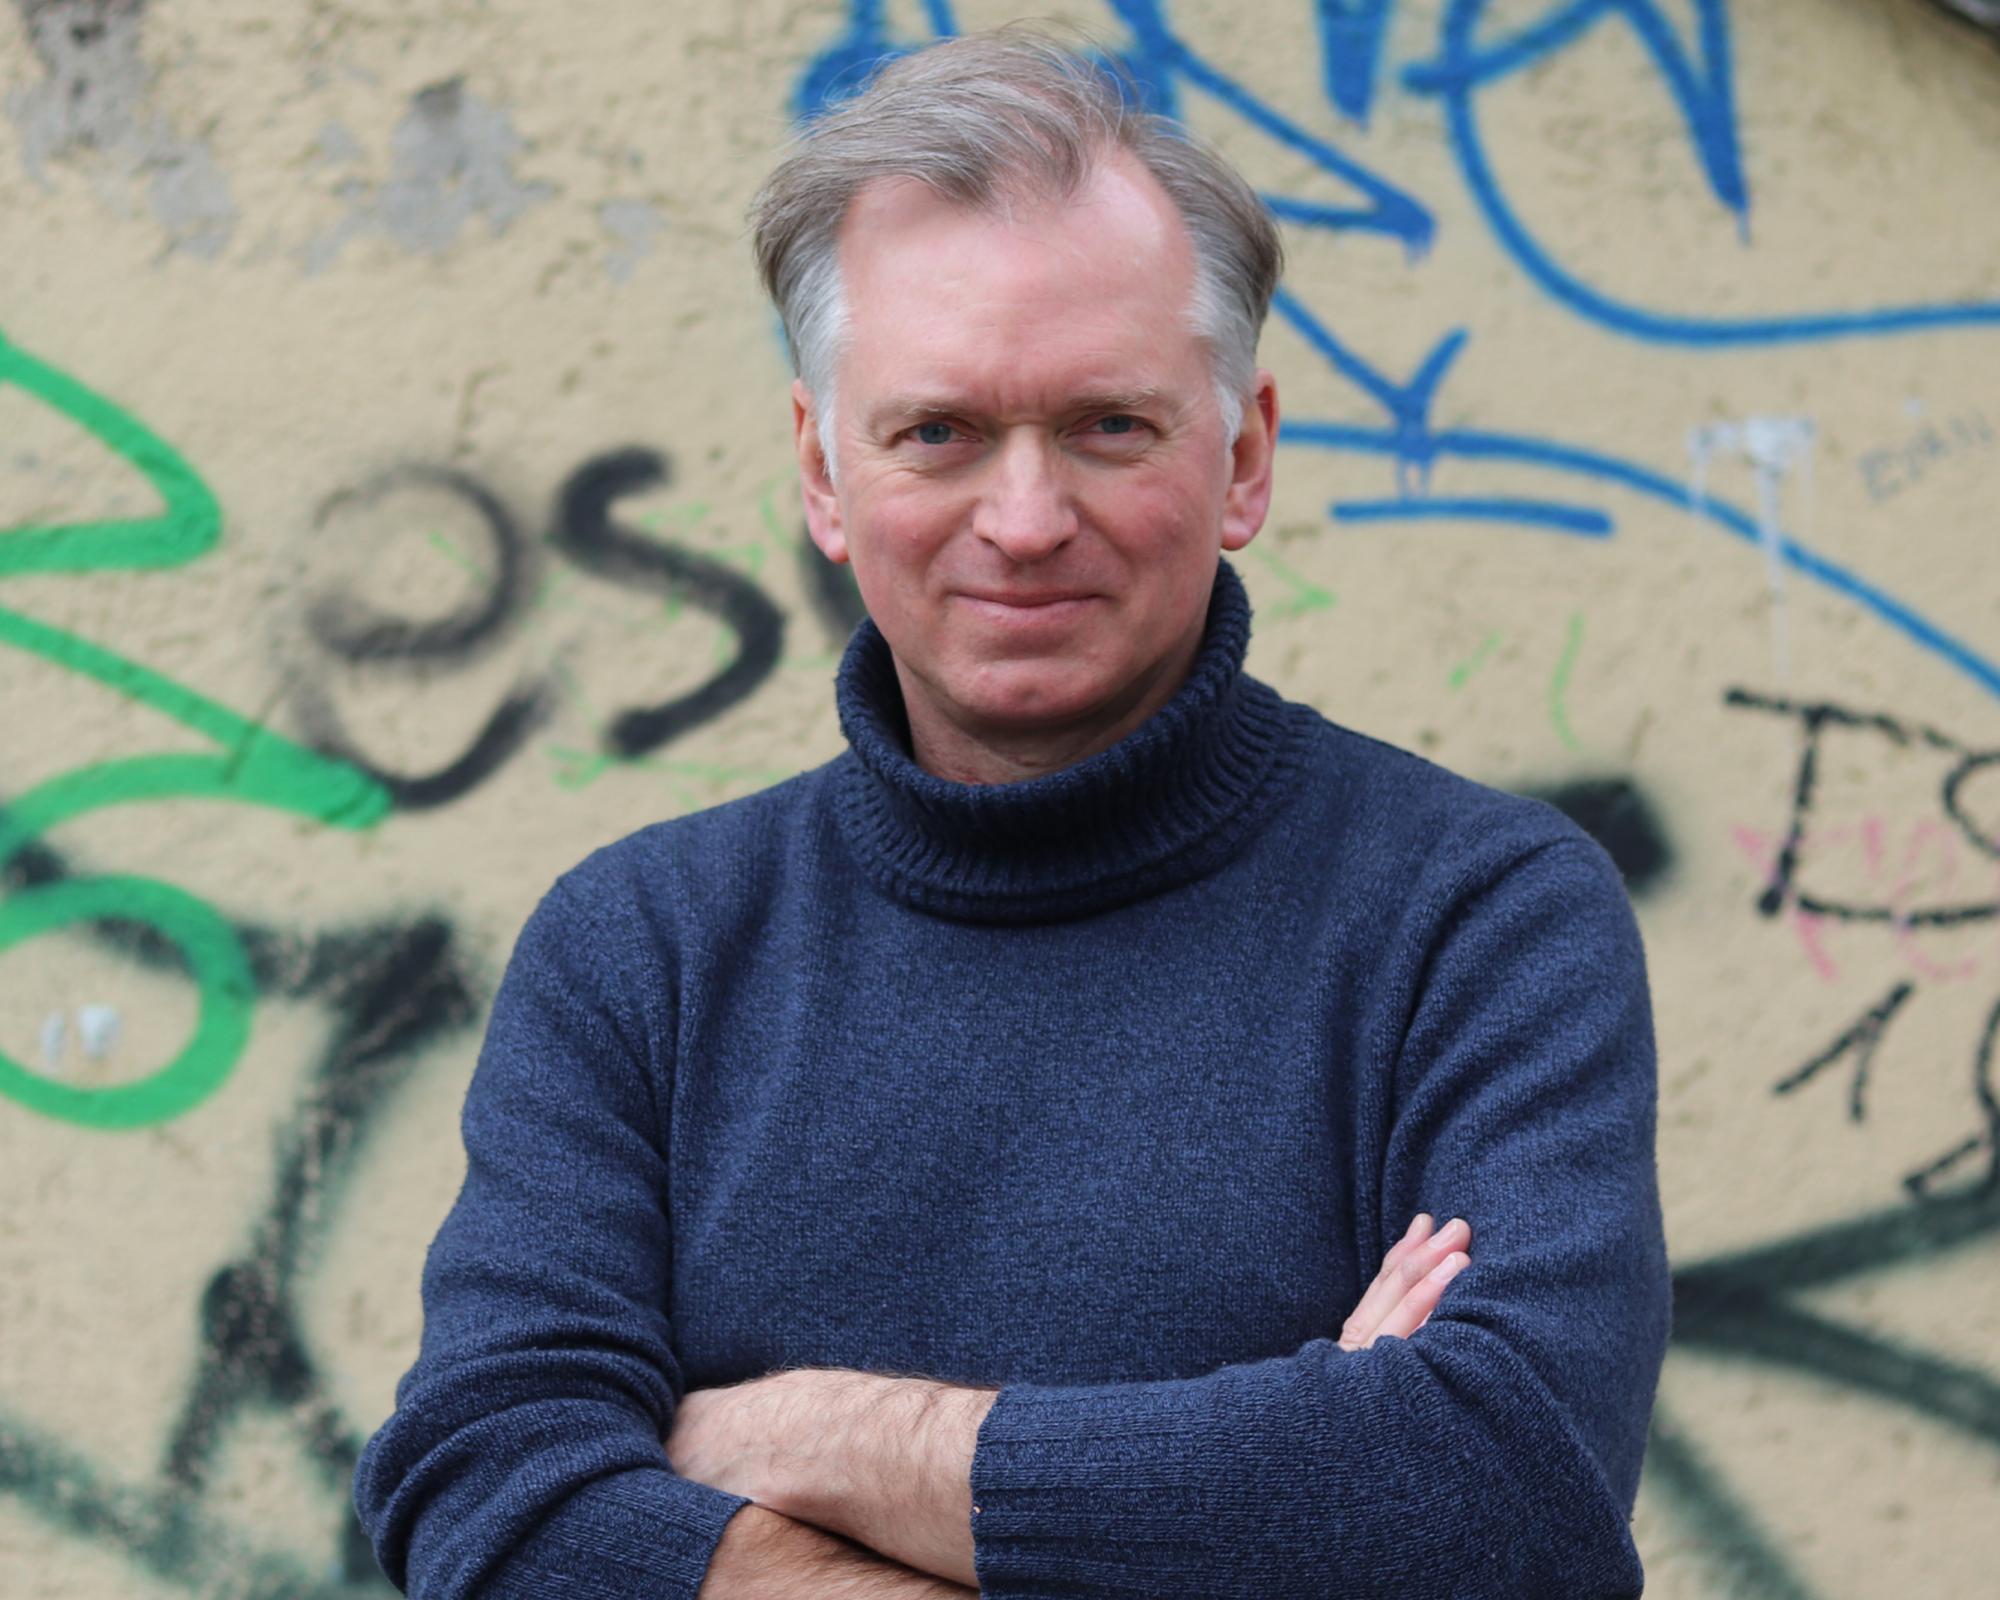 Christian Springer in blauem Rollkragenpullover vor einer Grafitiwand